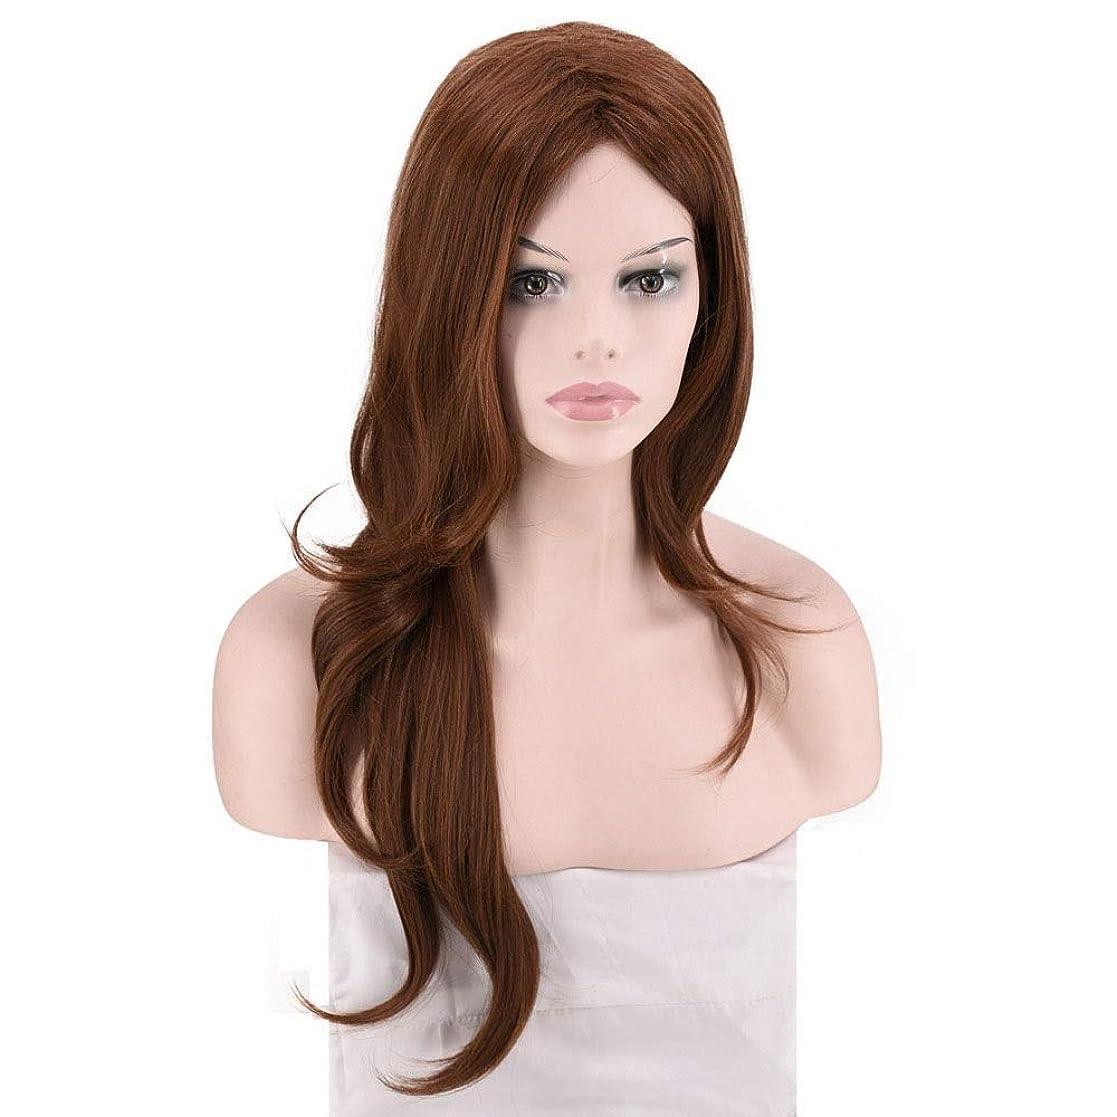 行くステレオタイプ木曜日BOBIDYEE 女性用ミディアムロングカーリーブラウンかつら人工ボブのかつら耐熱フル毛髪のかつらロールウィッグロールプレイングかつら (色 : M6/30)